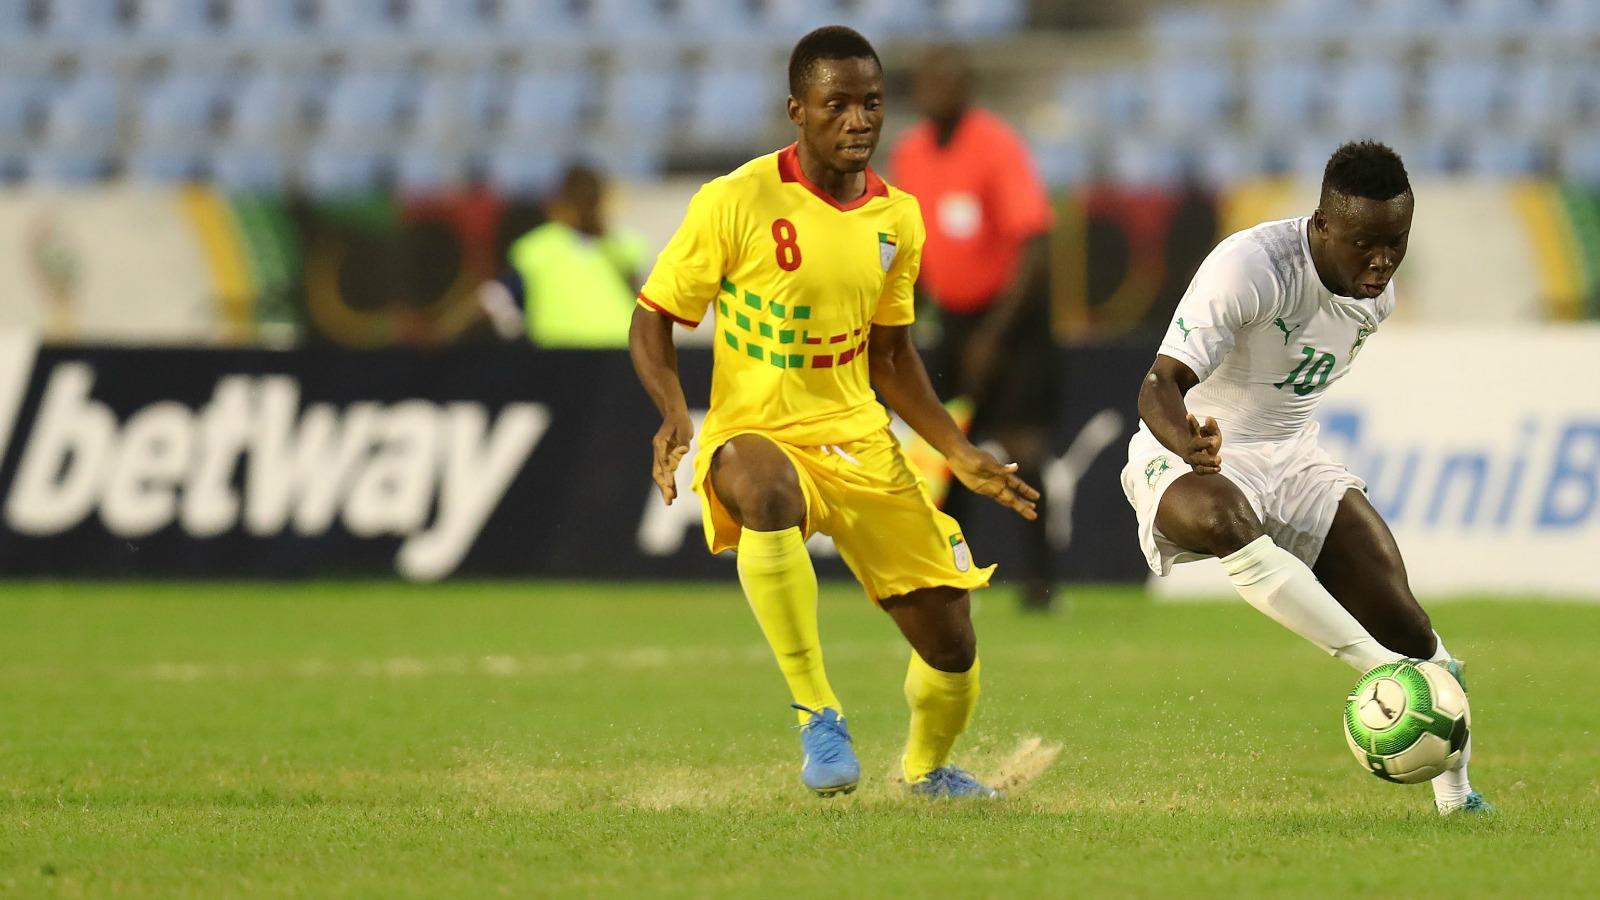 Kèo nhà cái Ghana vs Benin